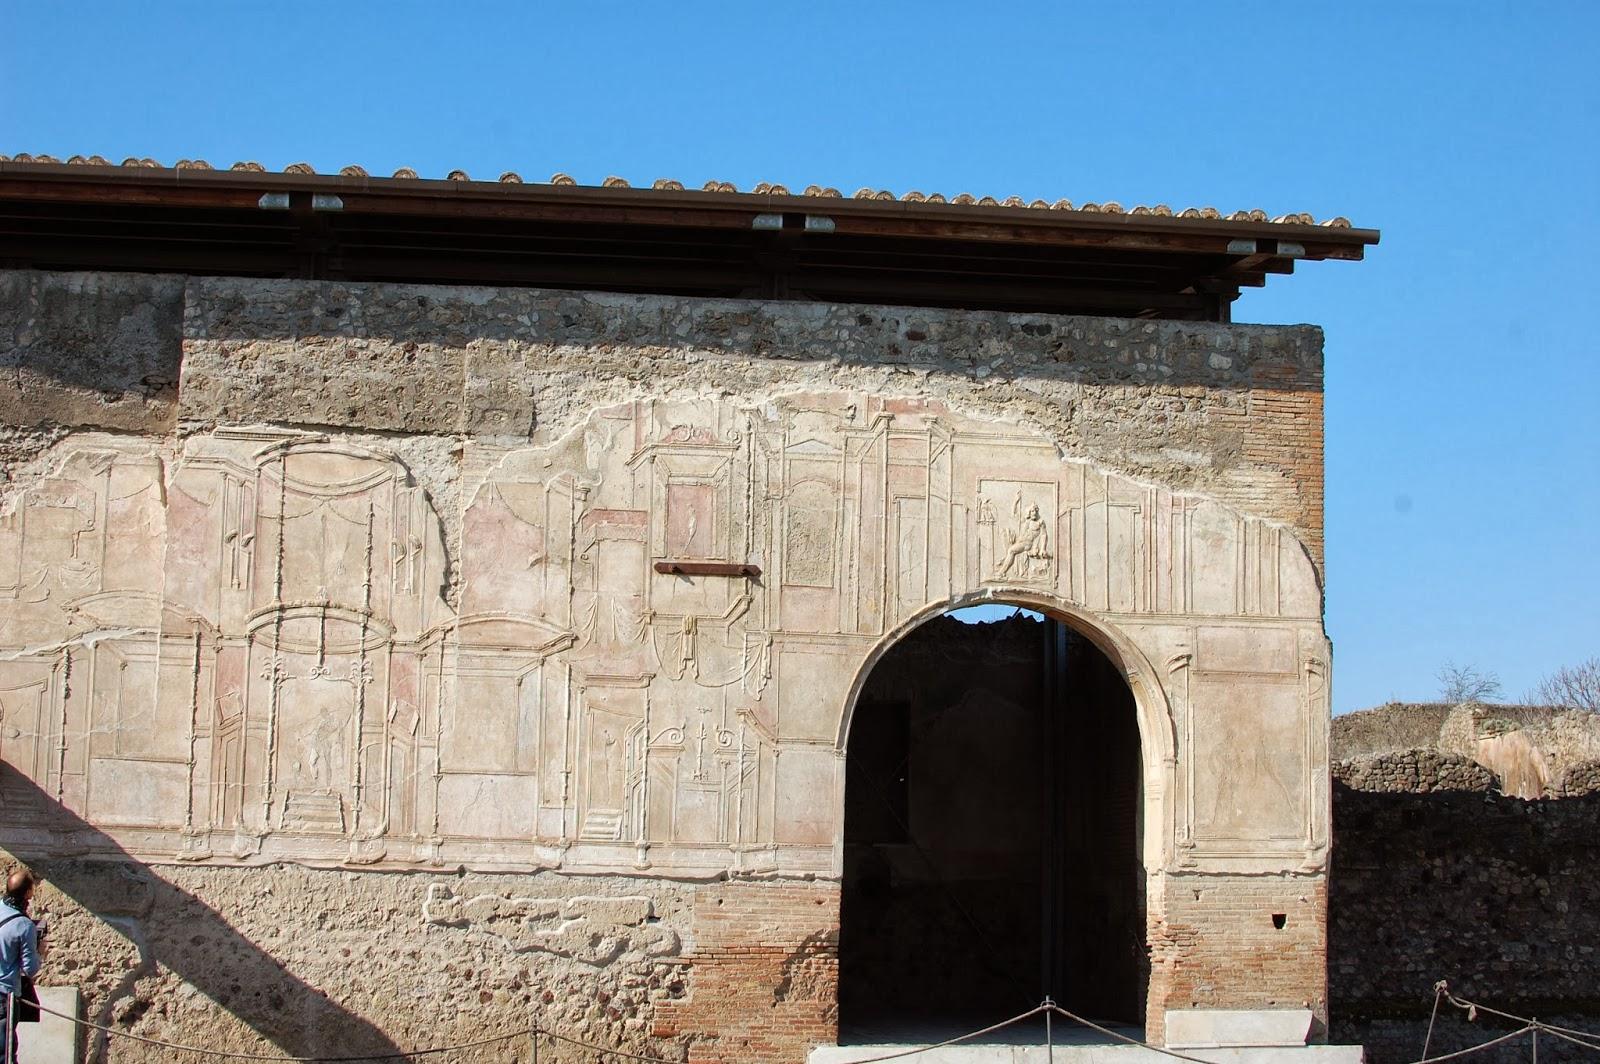 Avon Old Farms School 2014 Italy Trip Pompeii Mount